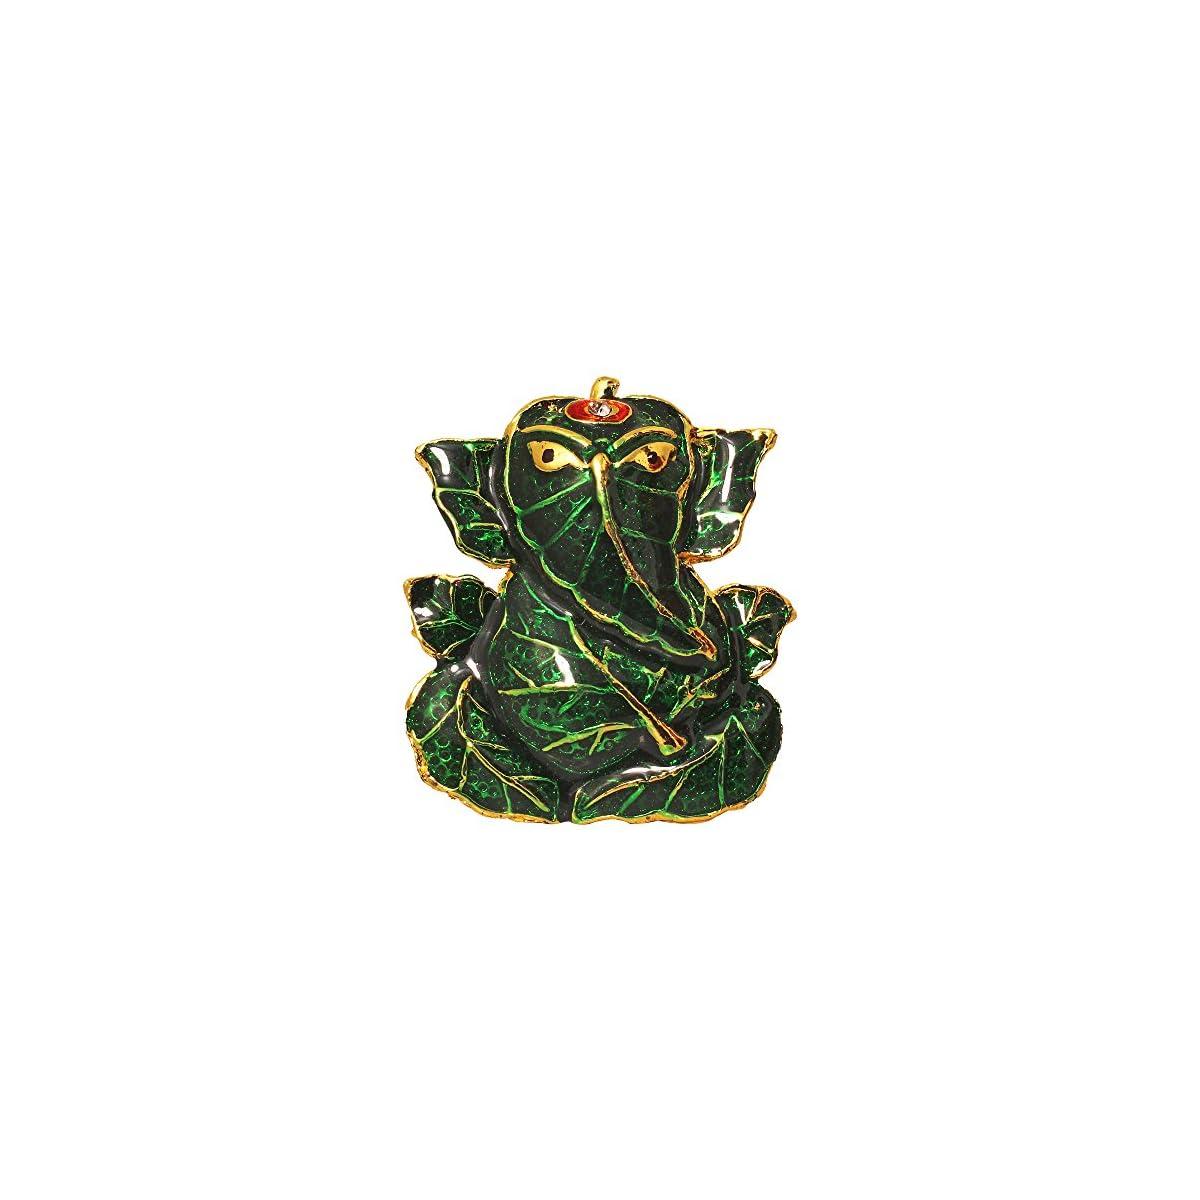 Brass Antique Look With Stones Hindu God Shri Ganesh Car Dashboard